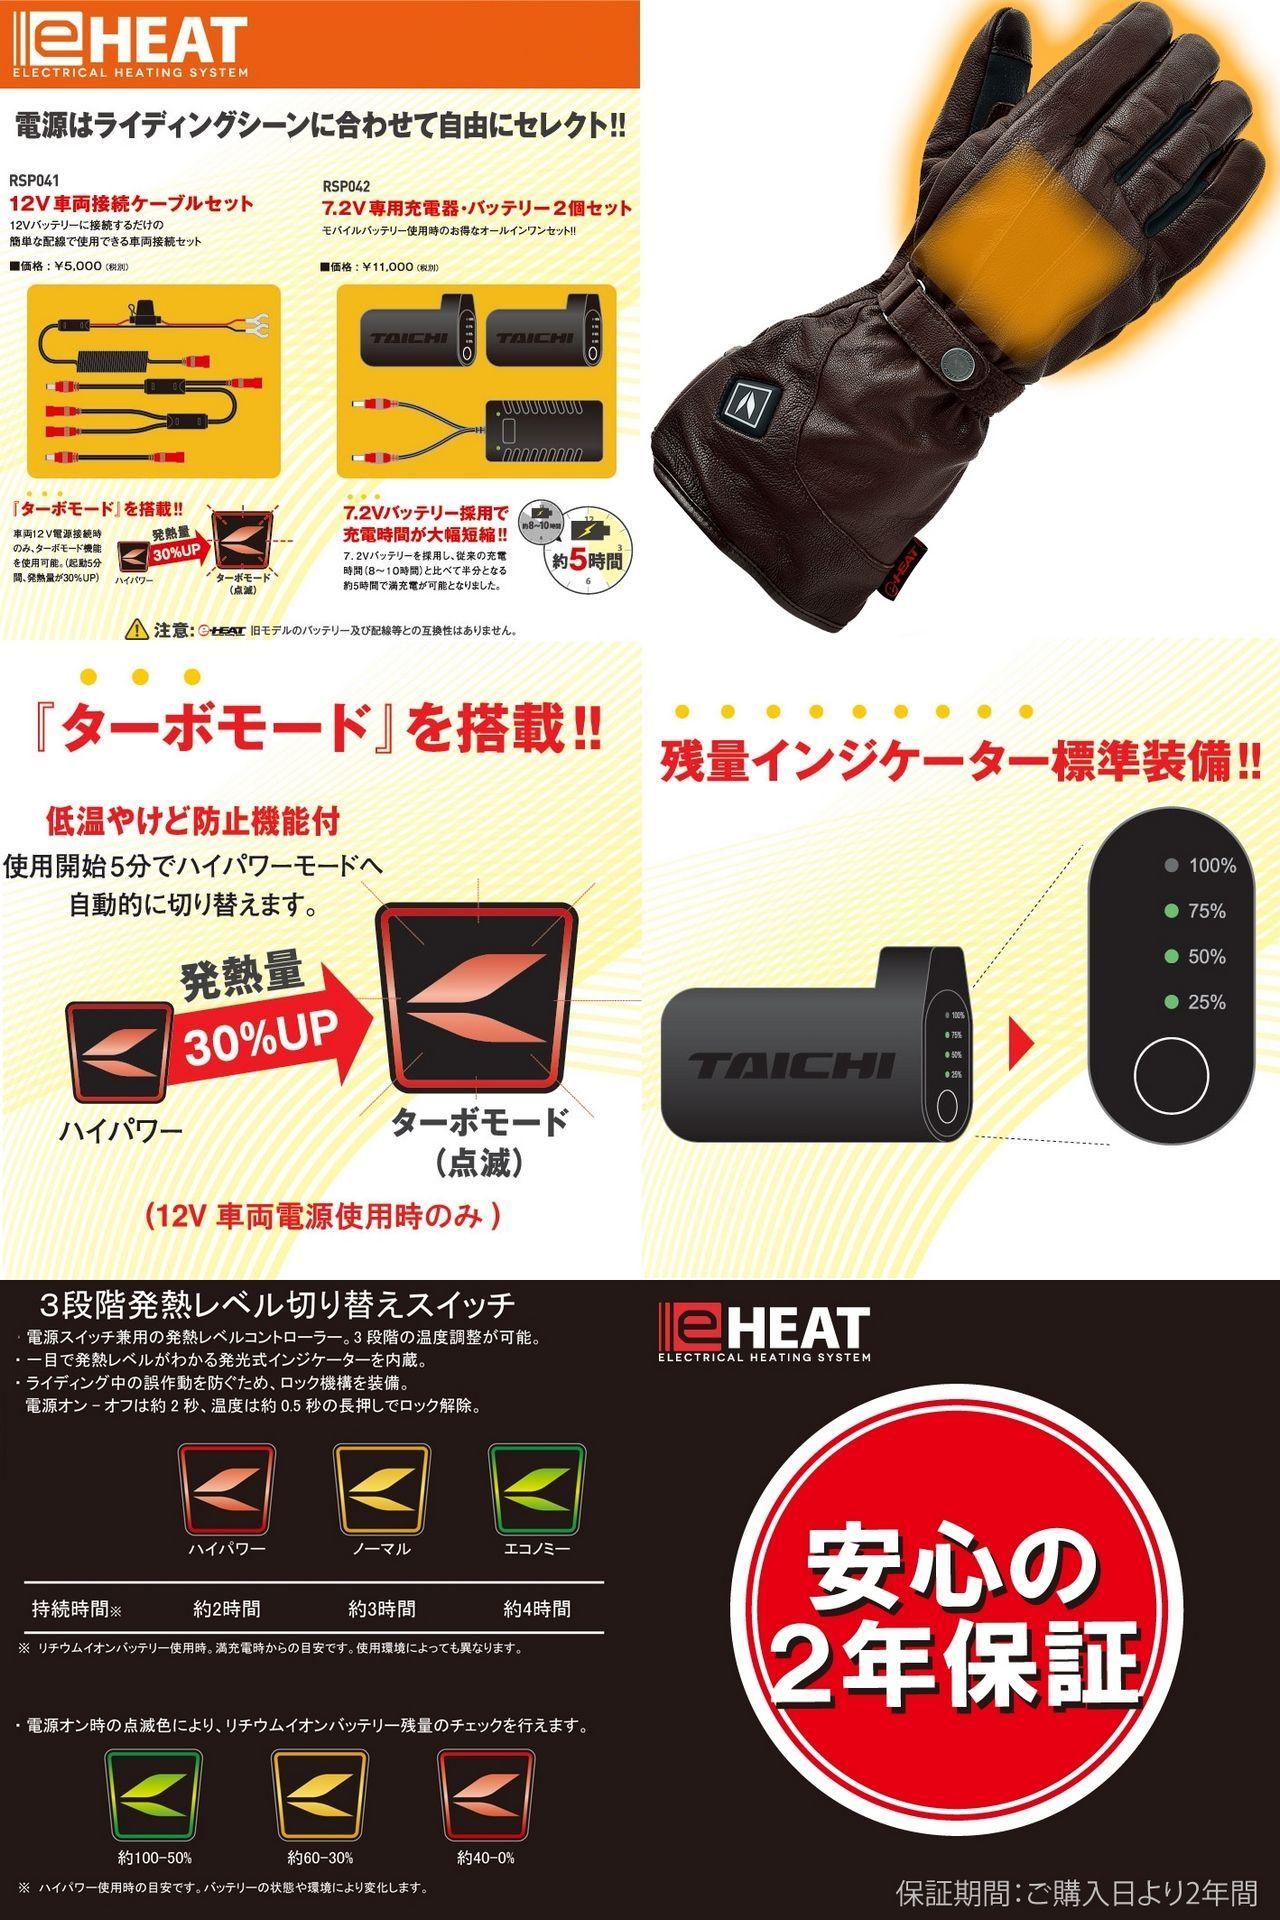 【RS TAICHI】RST623 e-HEAT  皮革手套 - 「Webike-摩托百貨」